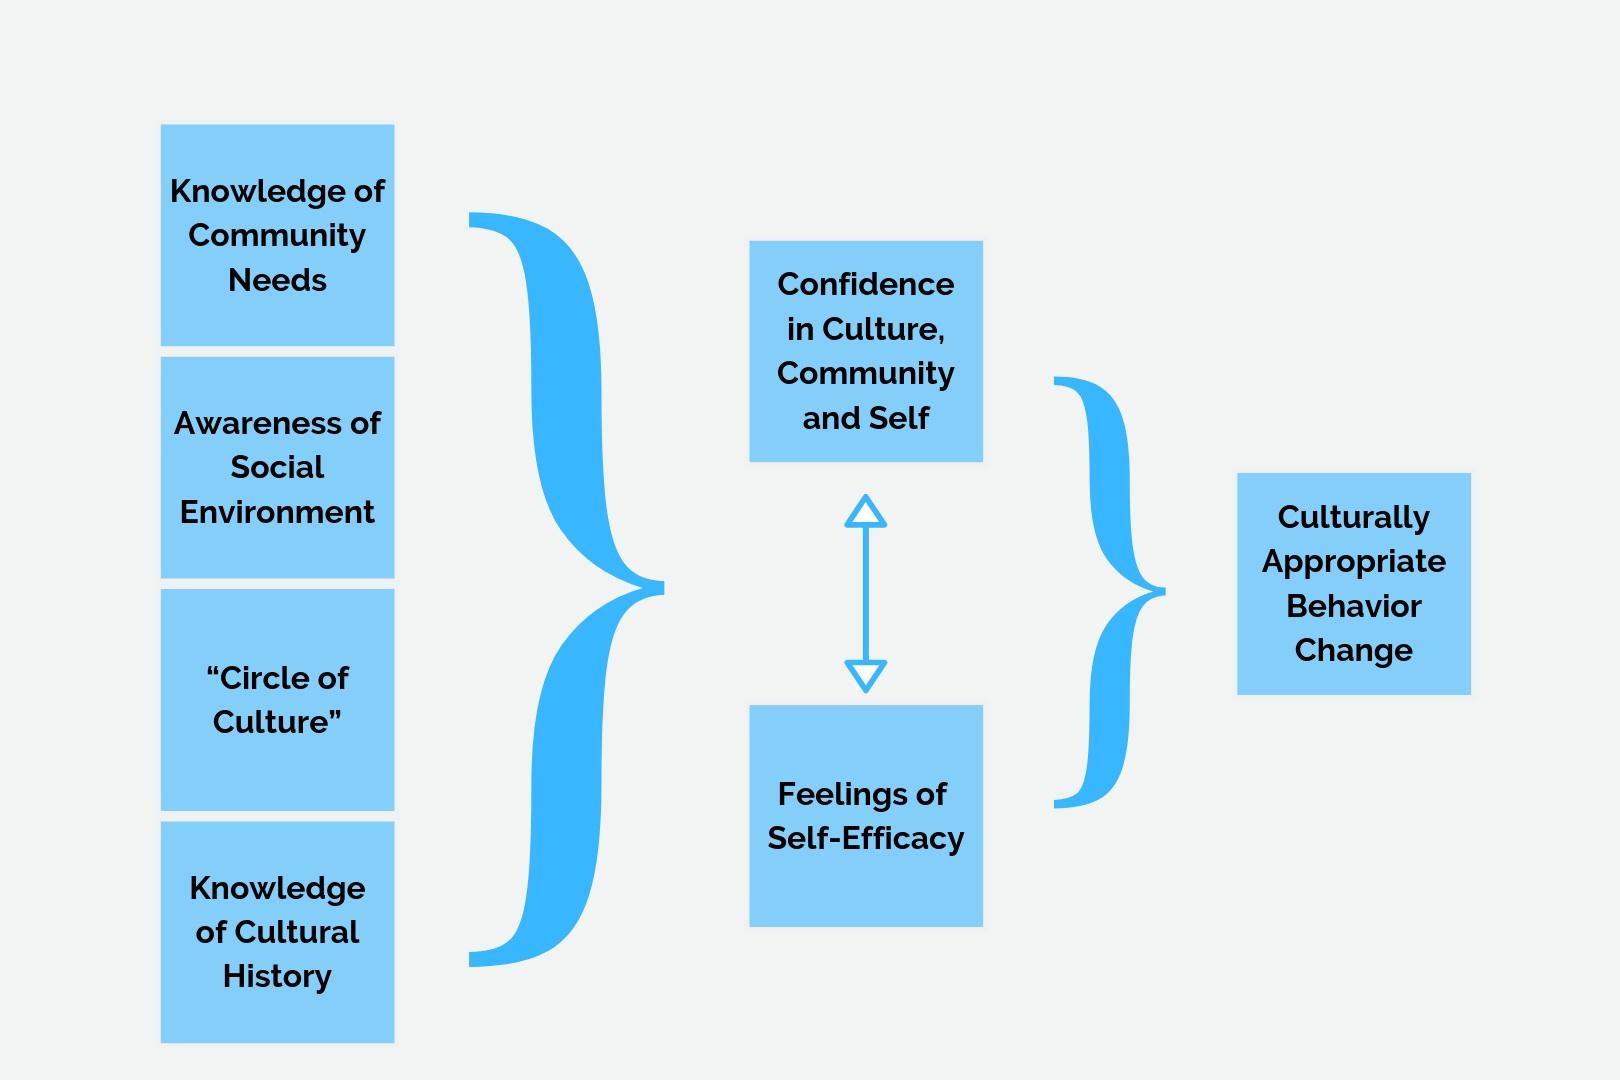 Confidence in Culture  - Conceptual Model